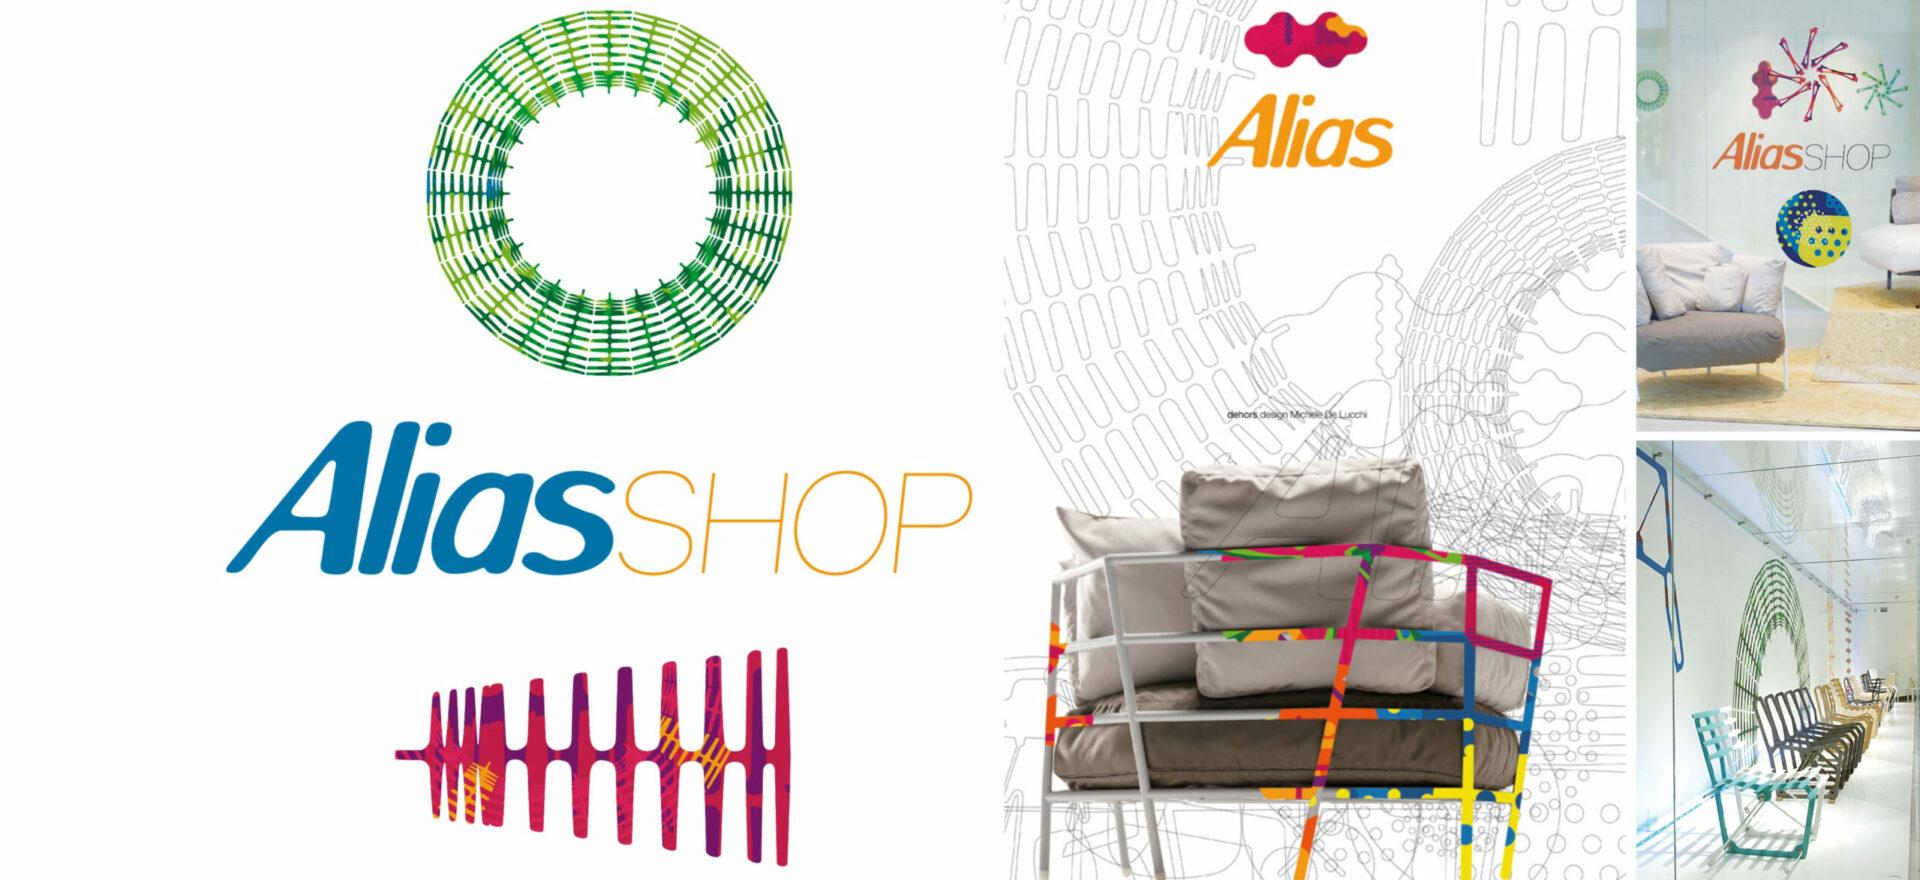 Alias_Alias Shop_Logo design_Mario Trimarchi Design_Graphics Branding